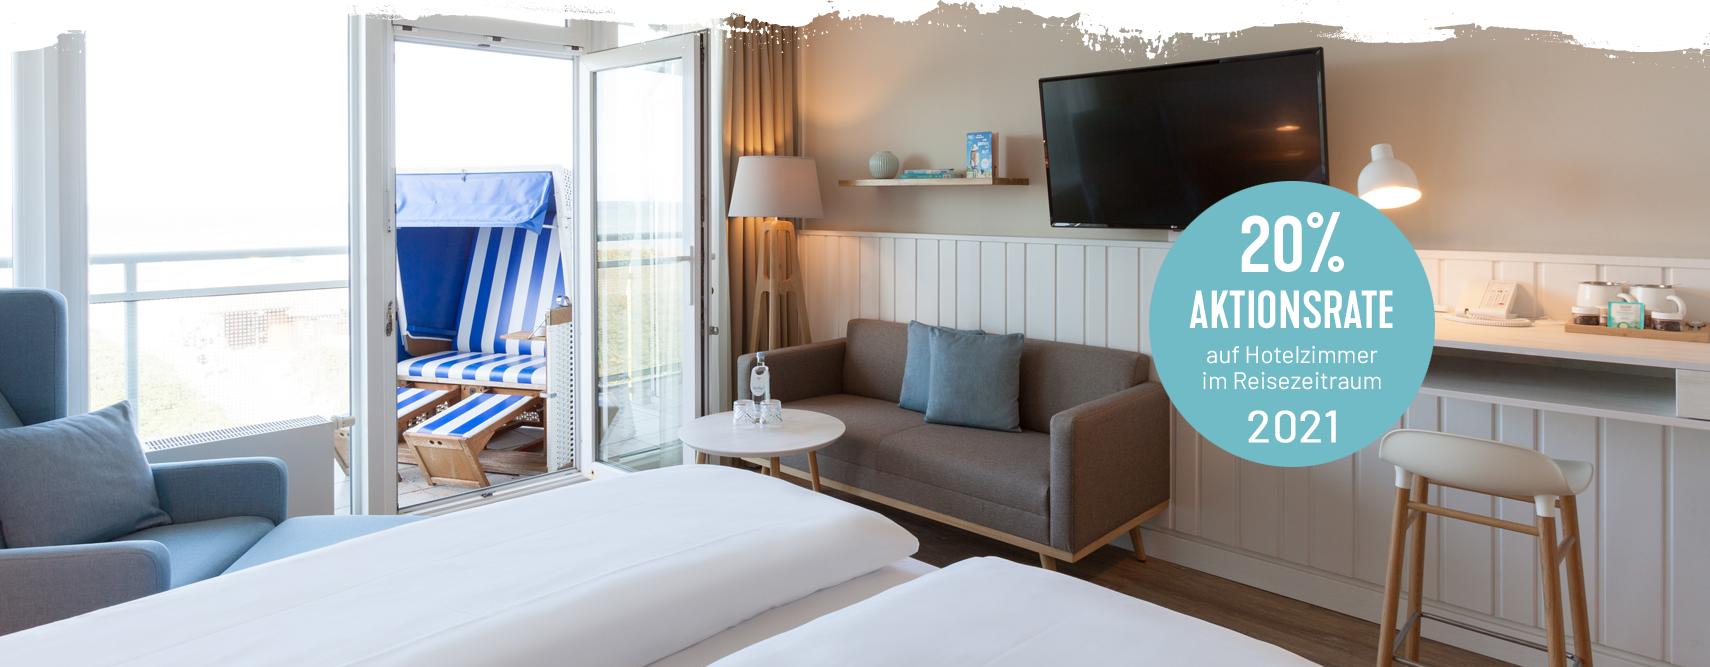 Hotelzimmer mit Aktionsrate im Wyn. Strandhotel Sylt buchen